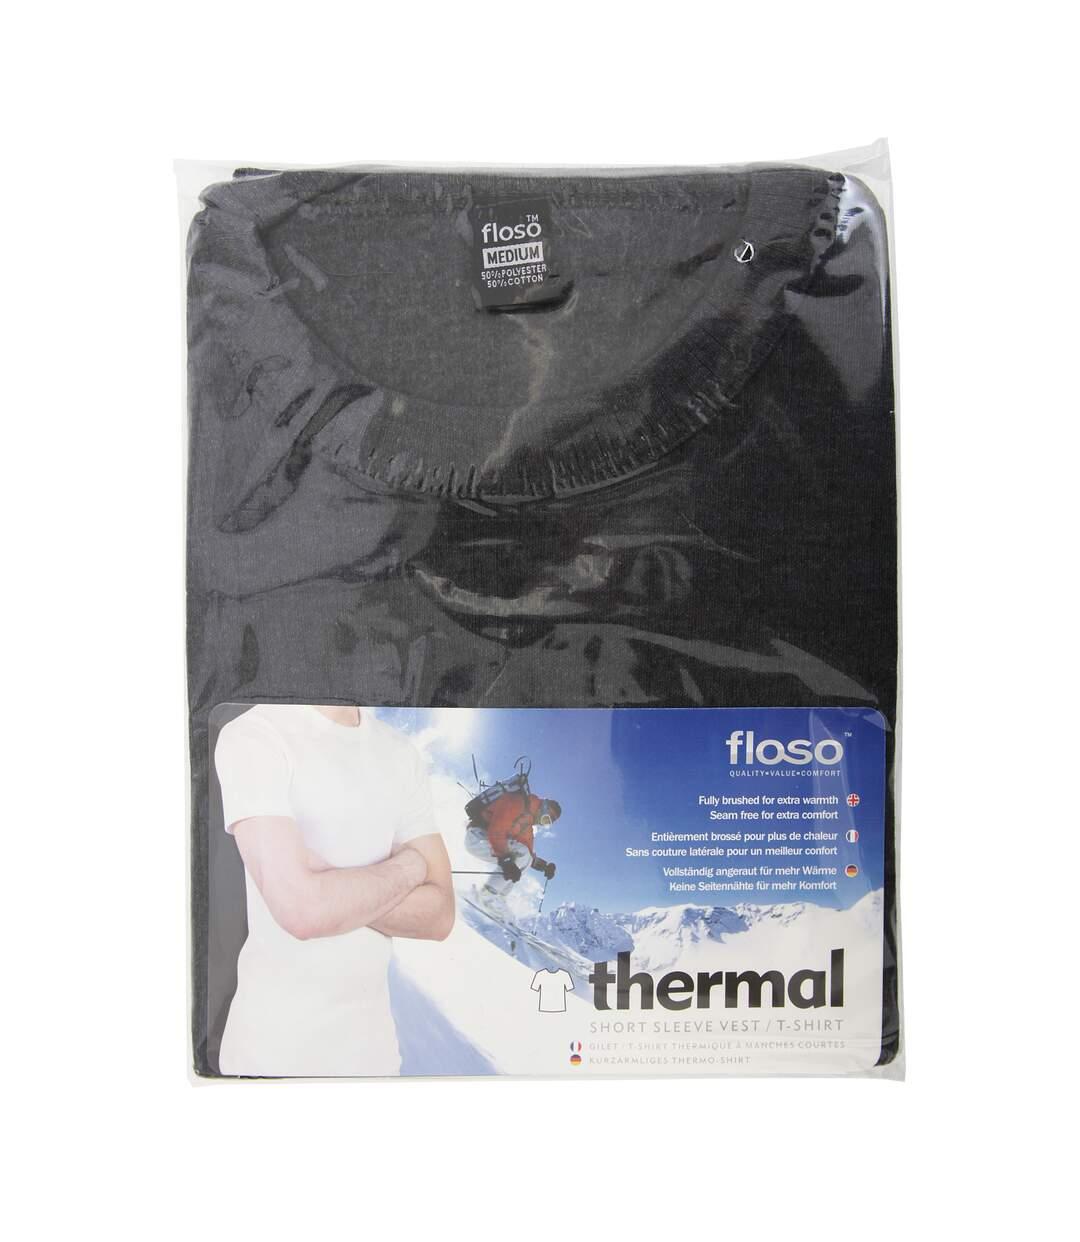 FLOSO - T-shirt thermique à manches courtes (standard) - Homme (Charbon) - UTTHERM111